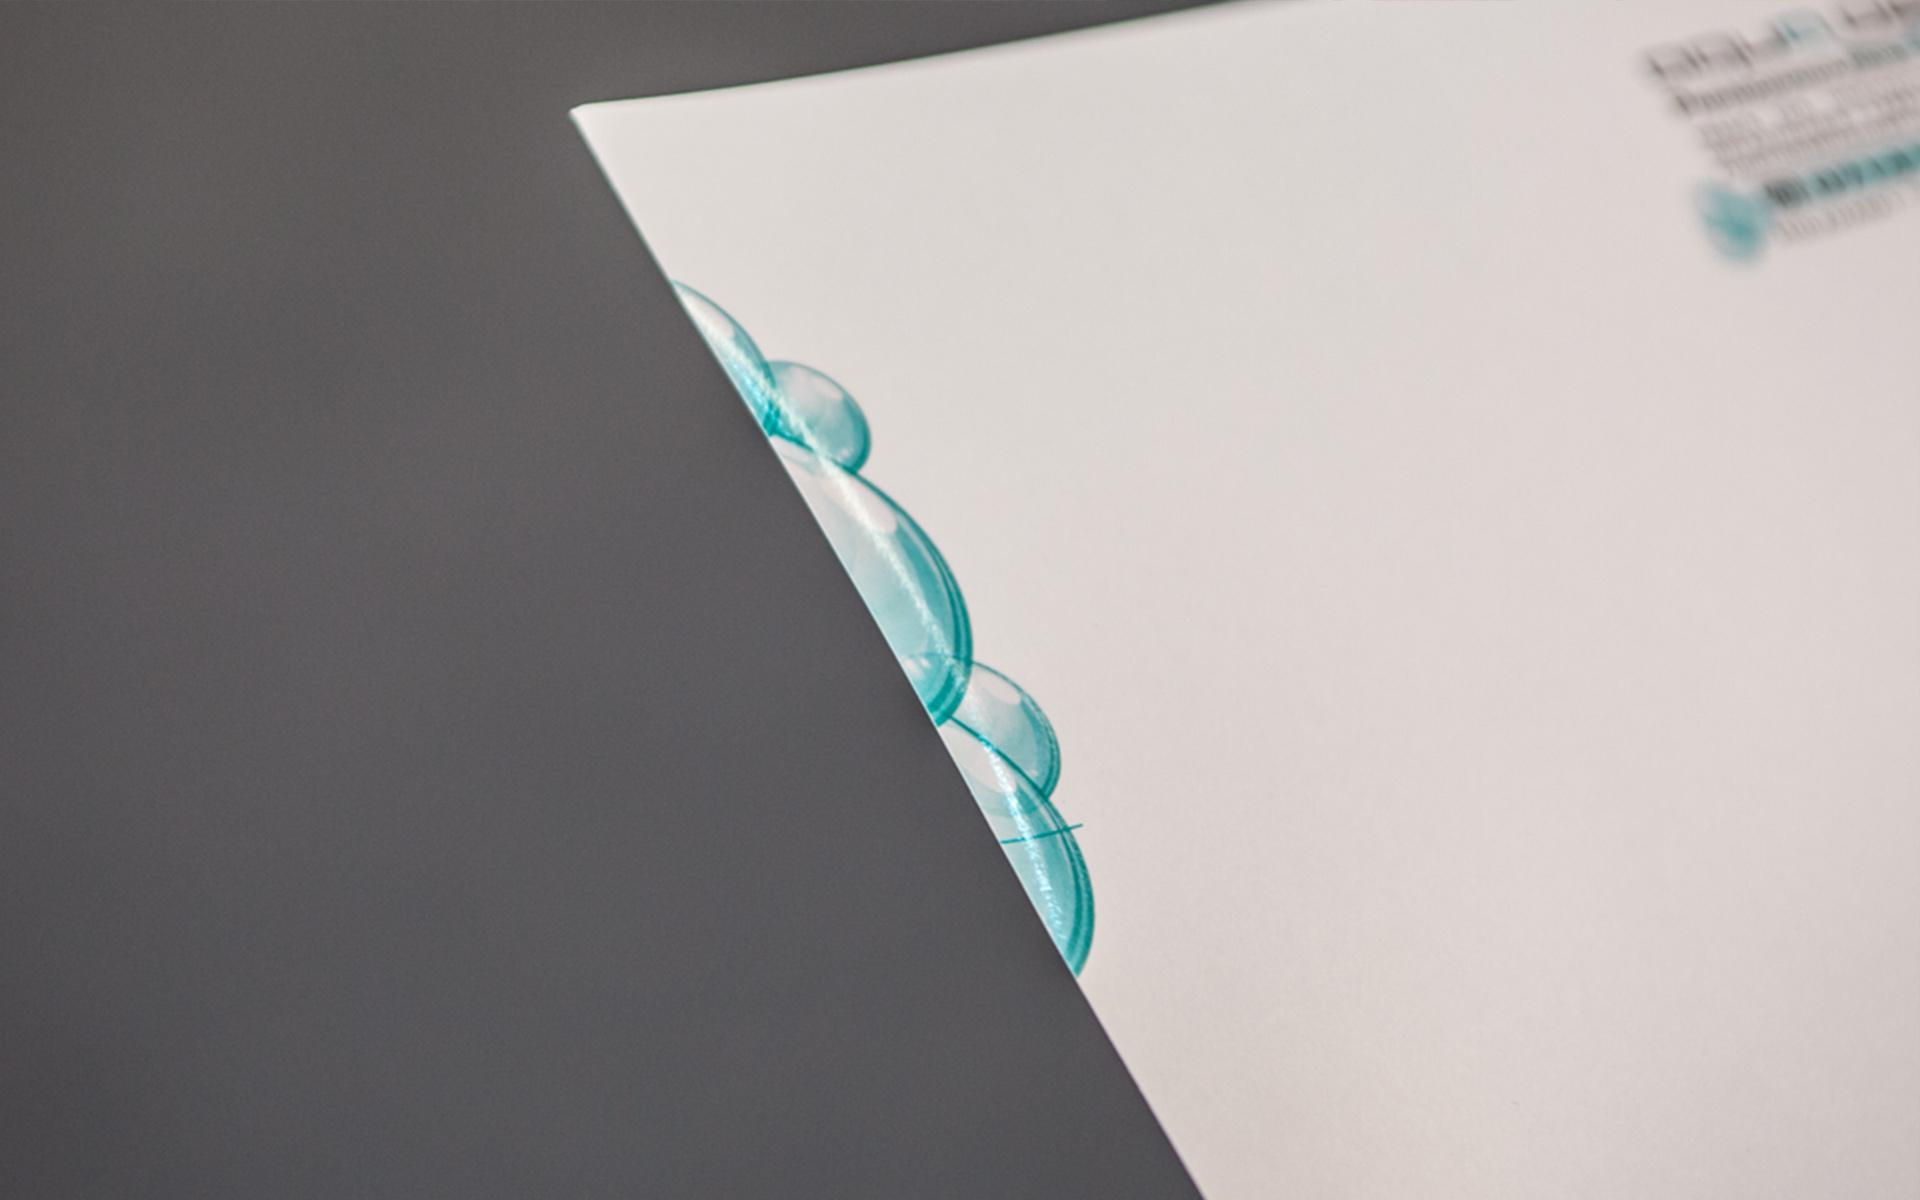 Arztpraxis Briefpapier Druckveredelung Lack